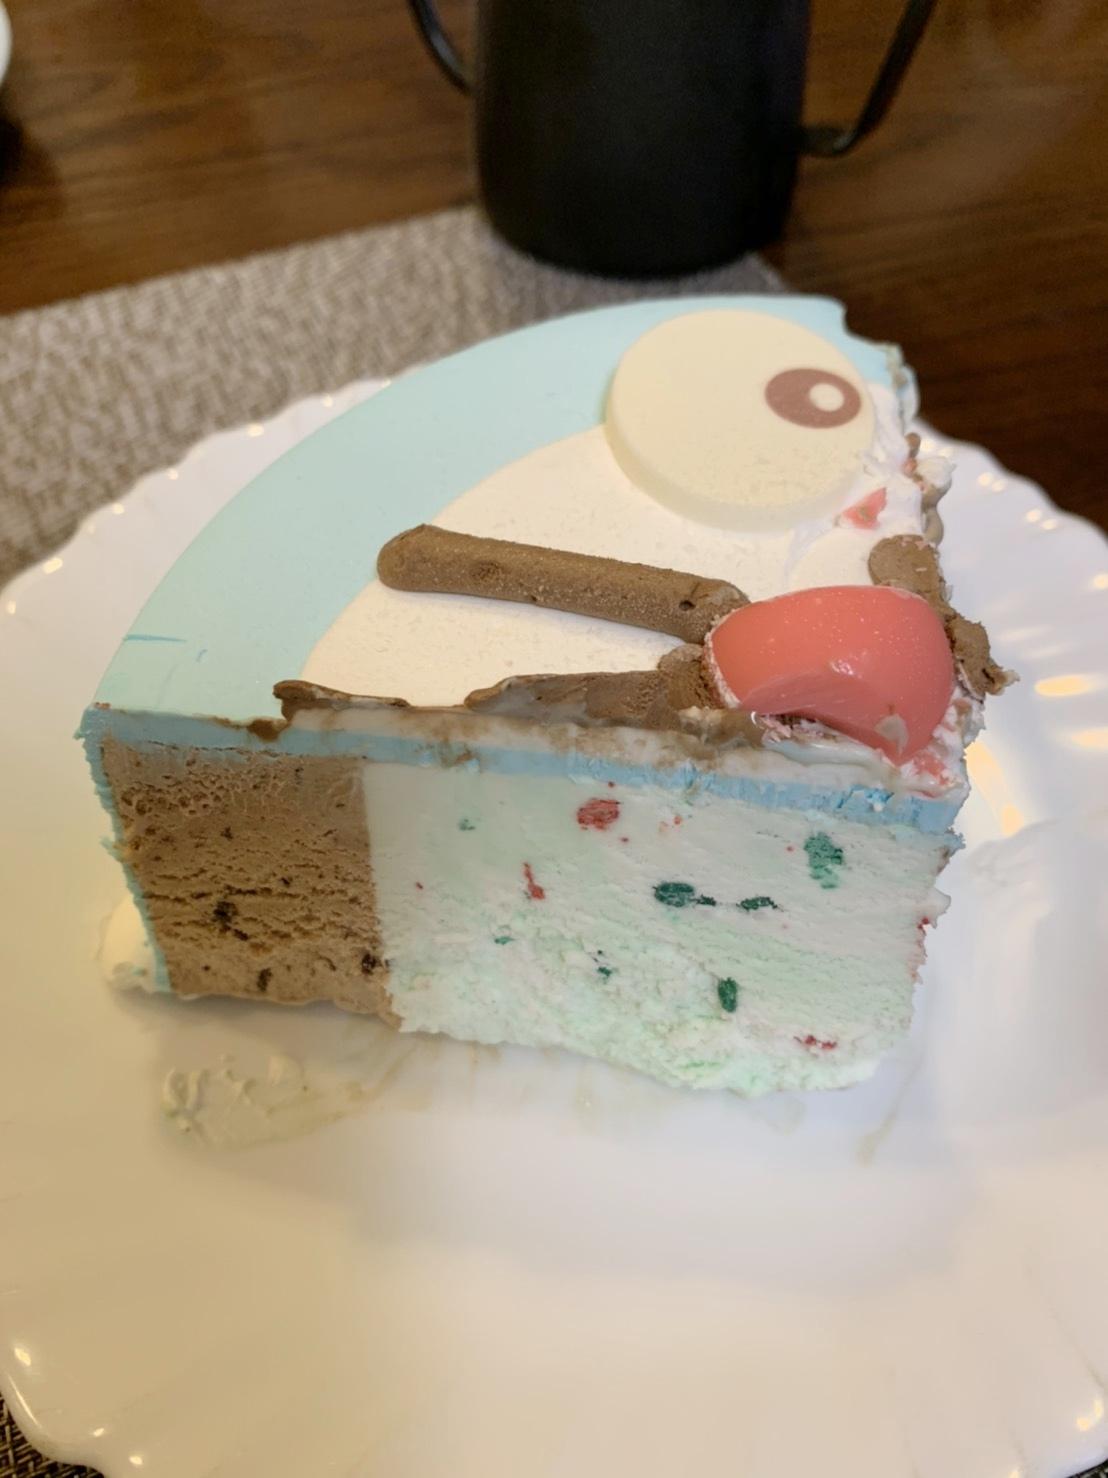 《憧れのアイスケーキ》31で販売しているドラえもん アイスケーキが可愛すぎて!!!_2